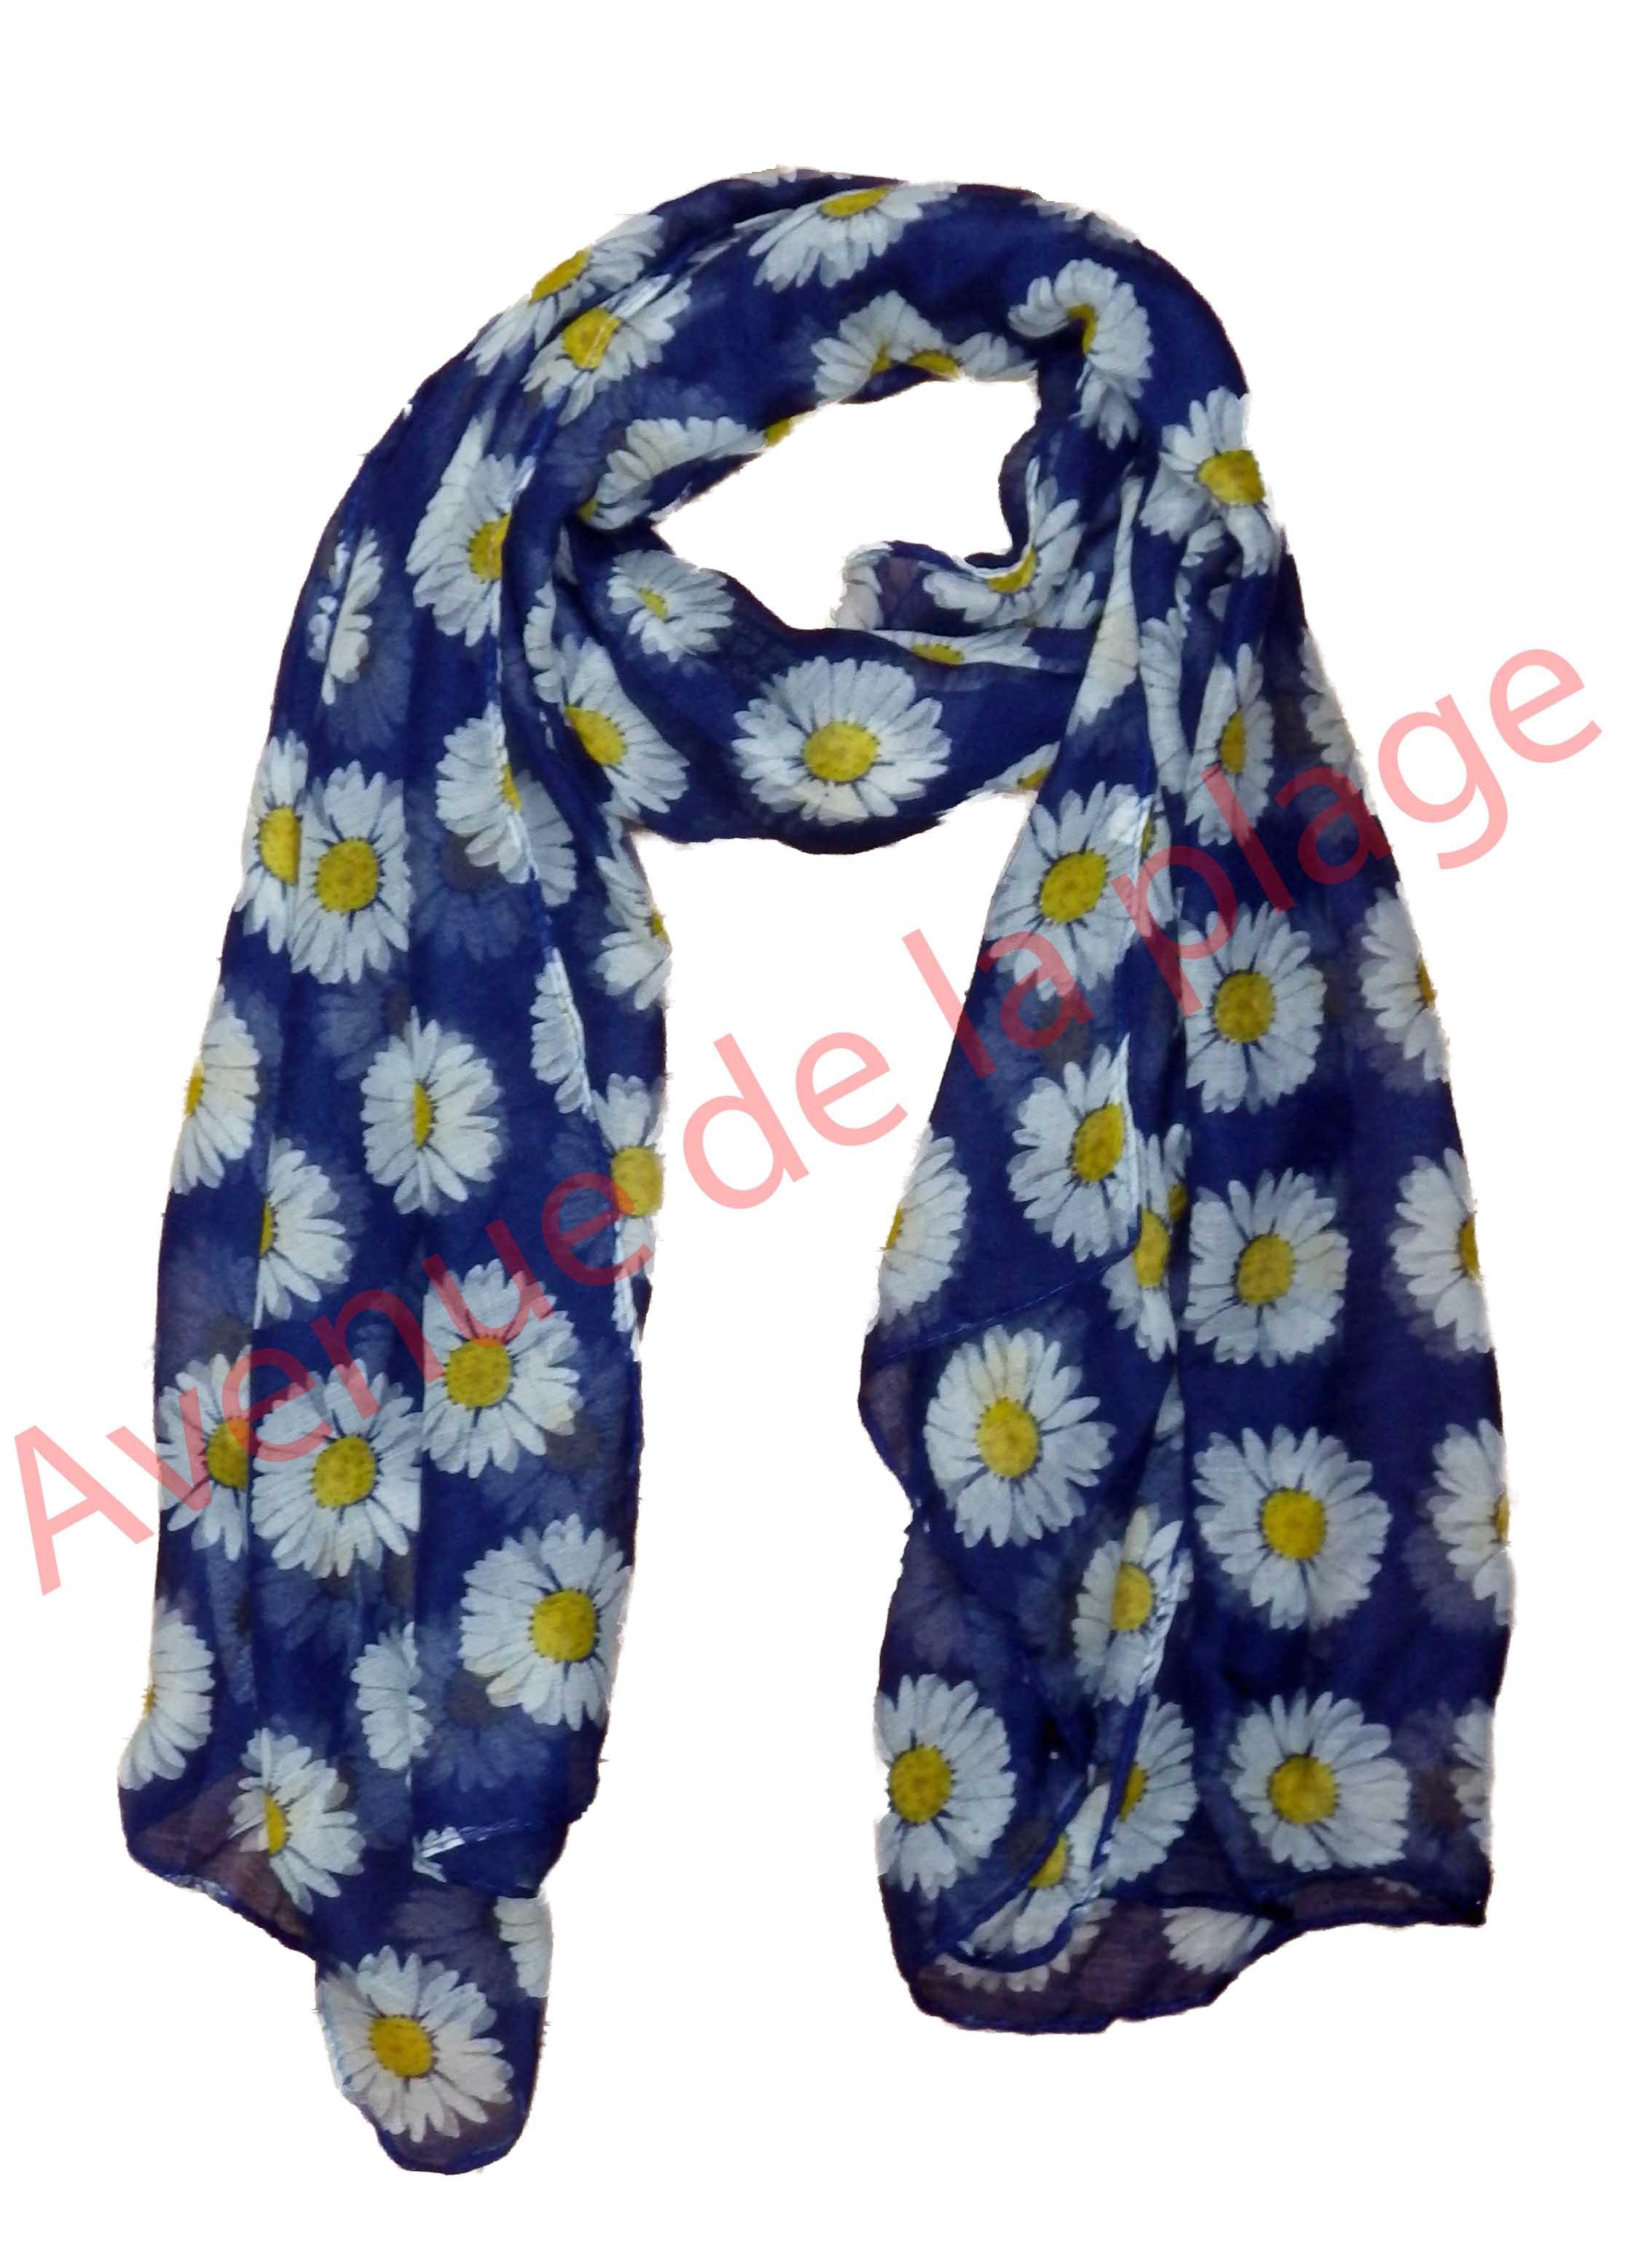 Foulard fleur marguerite pas cher- Achat Vente - Avenue de la plage 93df0dbcae2